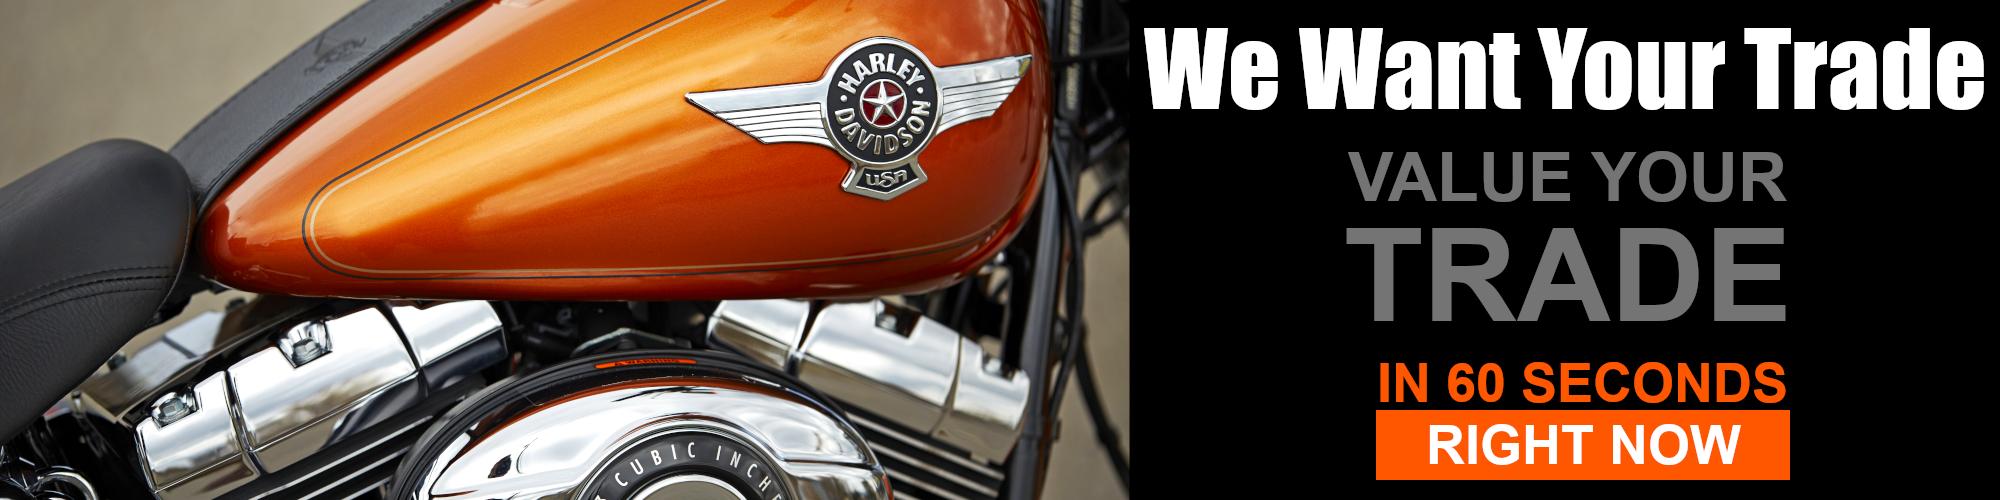 Value Your Trade At Platte River Harley-Davidson